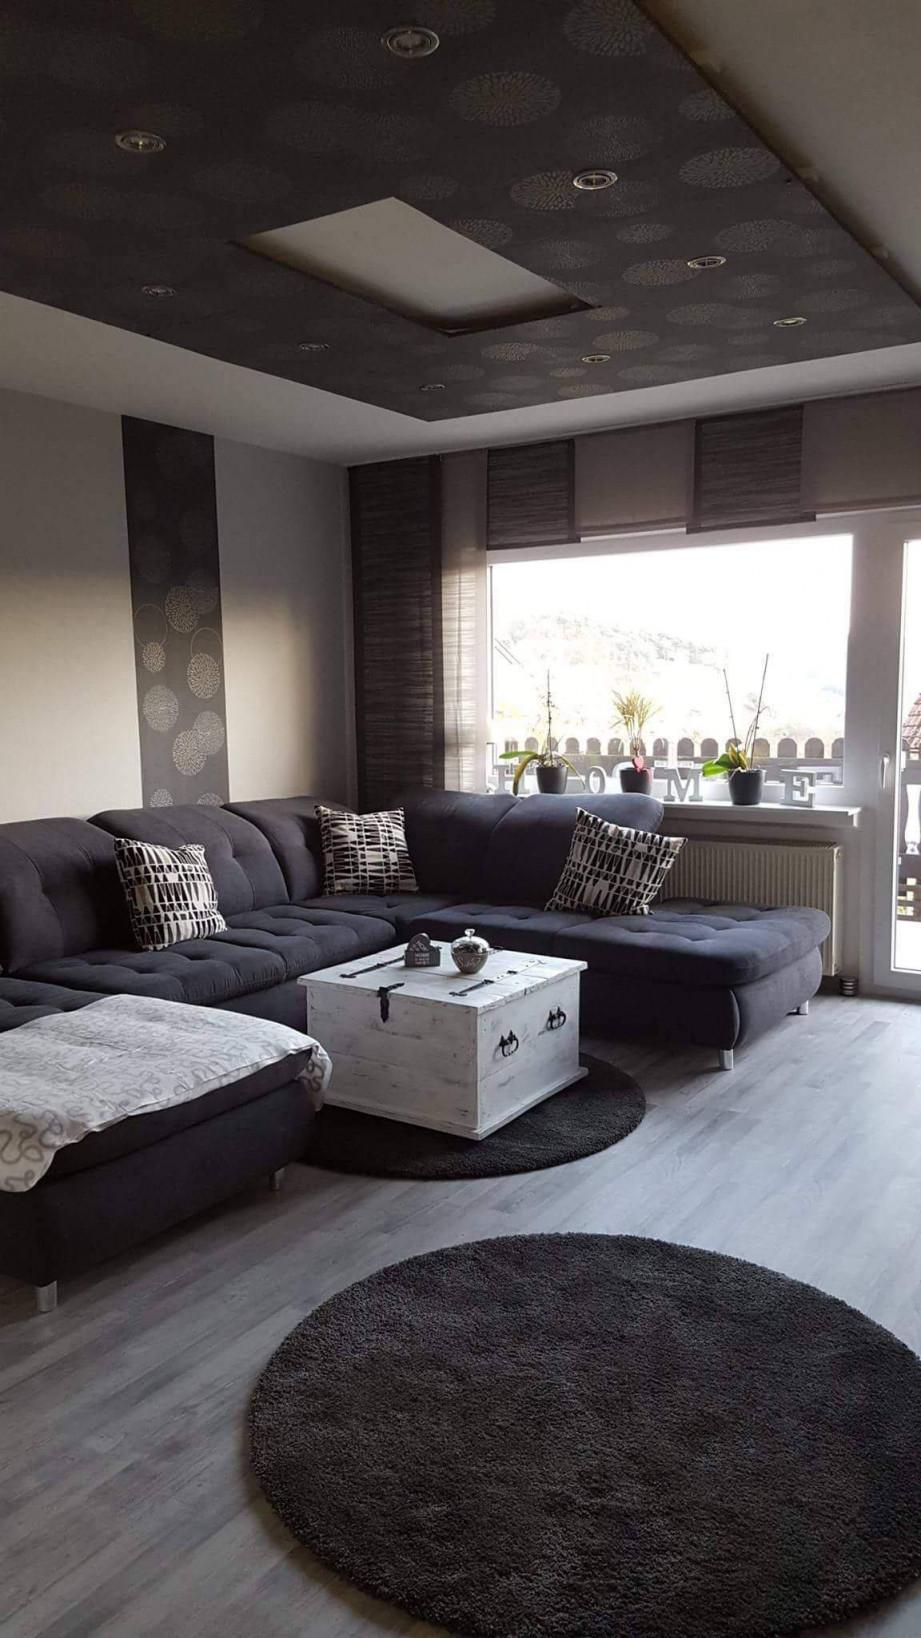 Großes Wohnzimmer Einrichten Reizend Wohnzimmer Ideen Grau von Wohnzimmer Grau Gestalten Bild